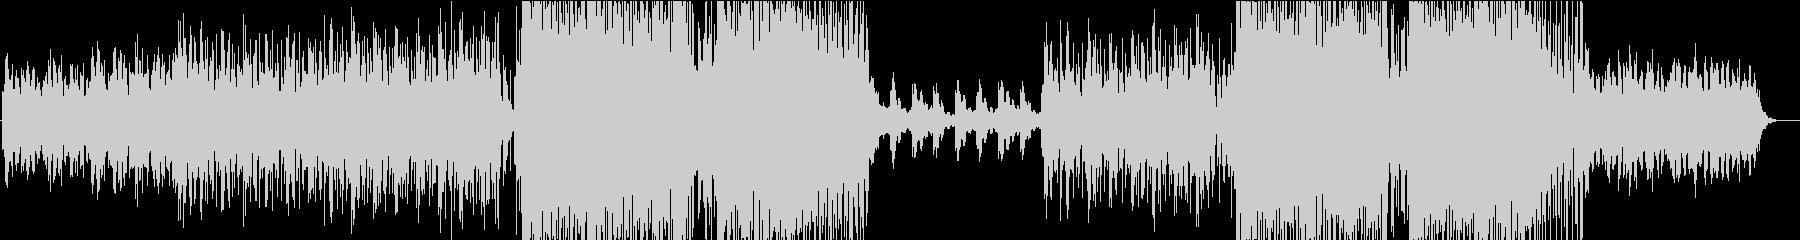 南国リゾ~ト!耳に残るトロピカルハウス②の未再生の波形